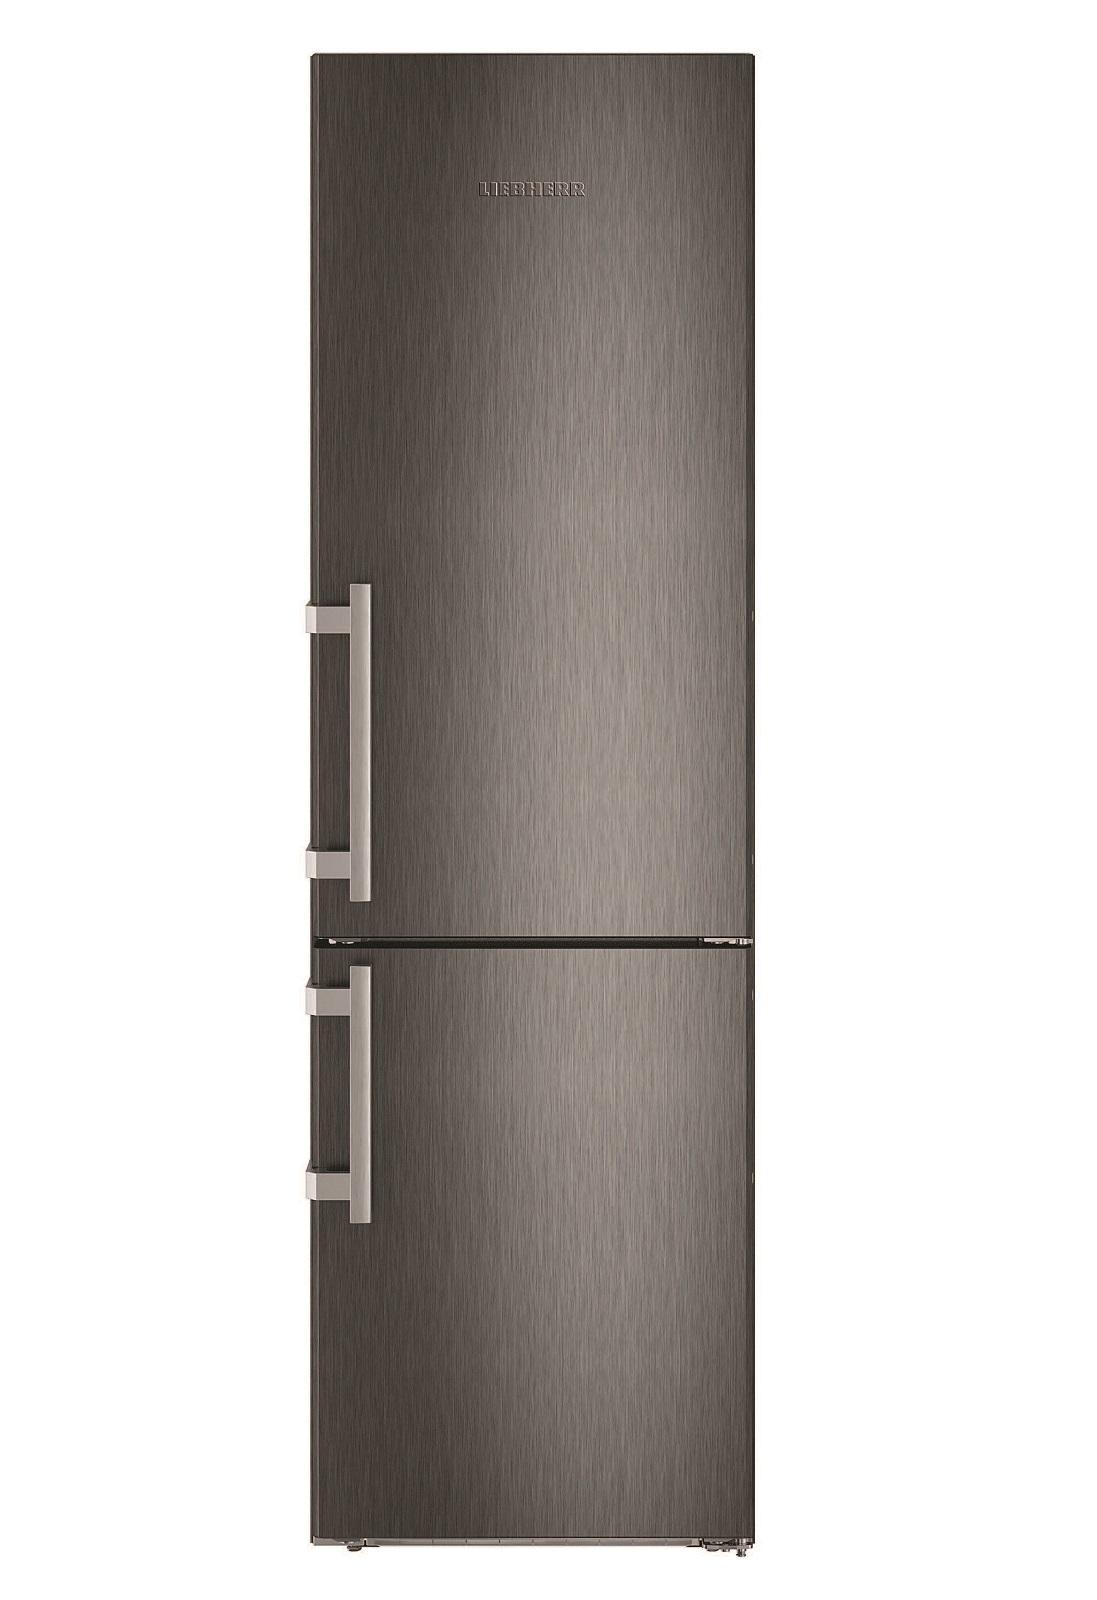 купить Двухкамерный холодильник Liebherr CNbs 4835 Украина фото 6